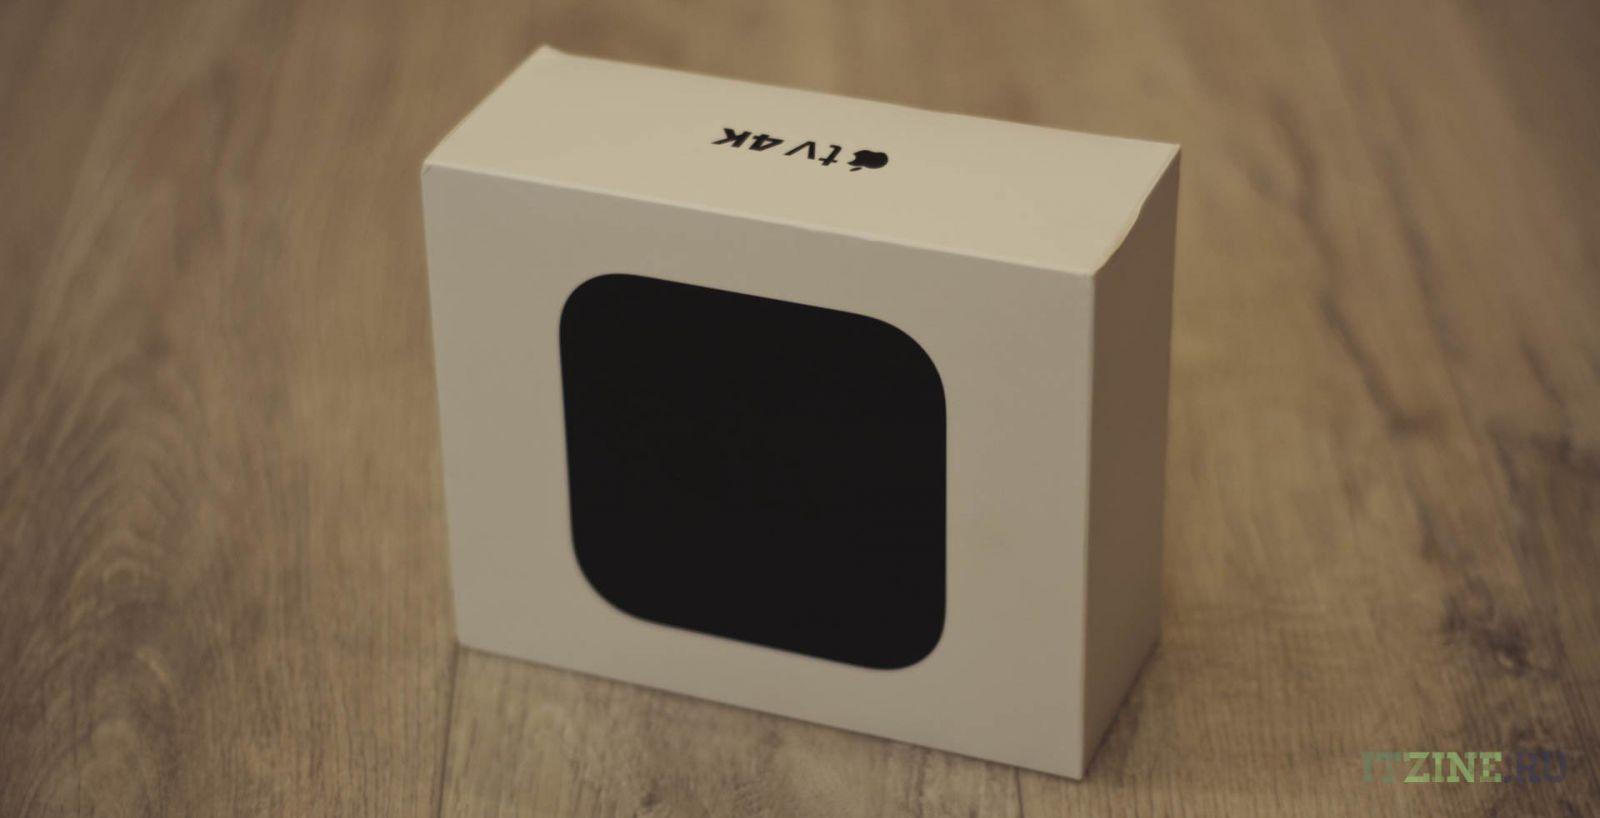 Обзор Apple TV 4K. Другие не нужны (dsc 8020)